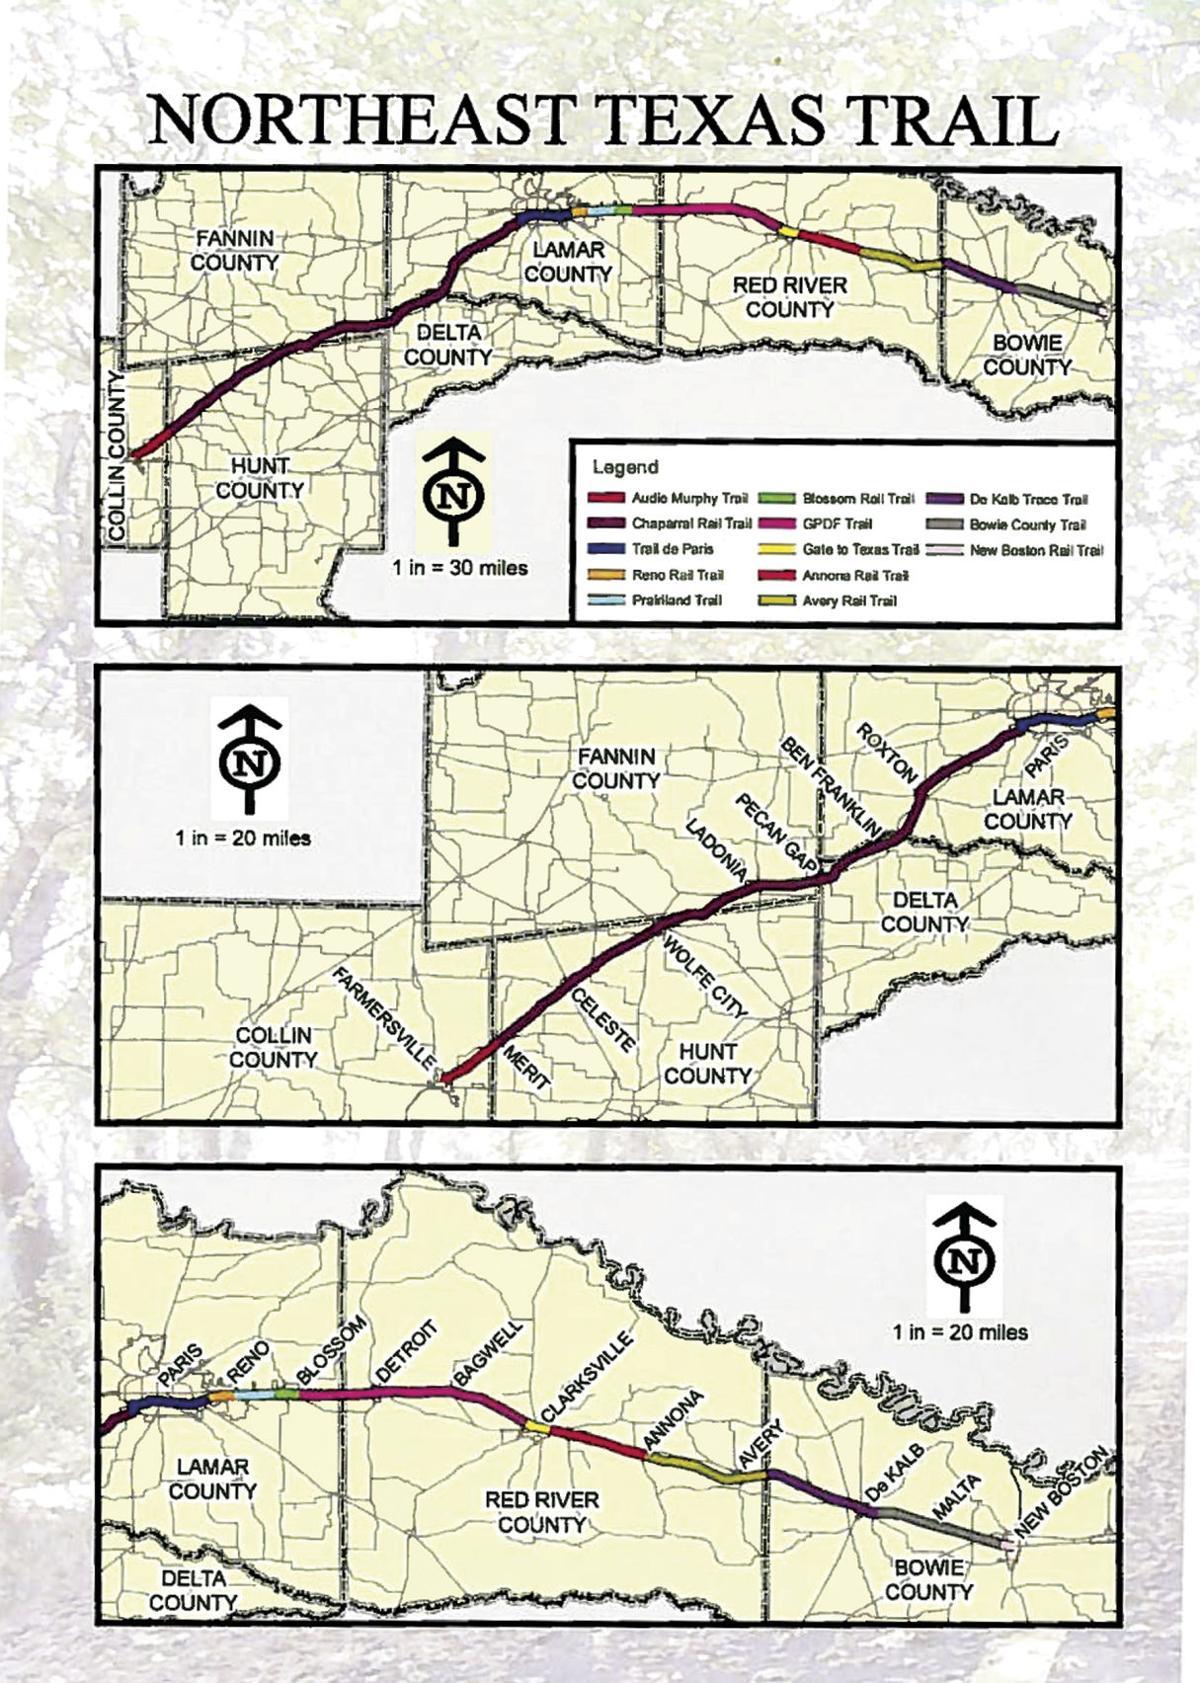 Northeast Texas Trail